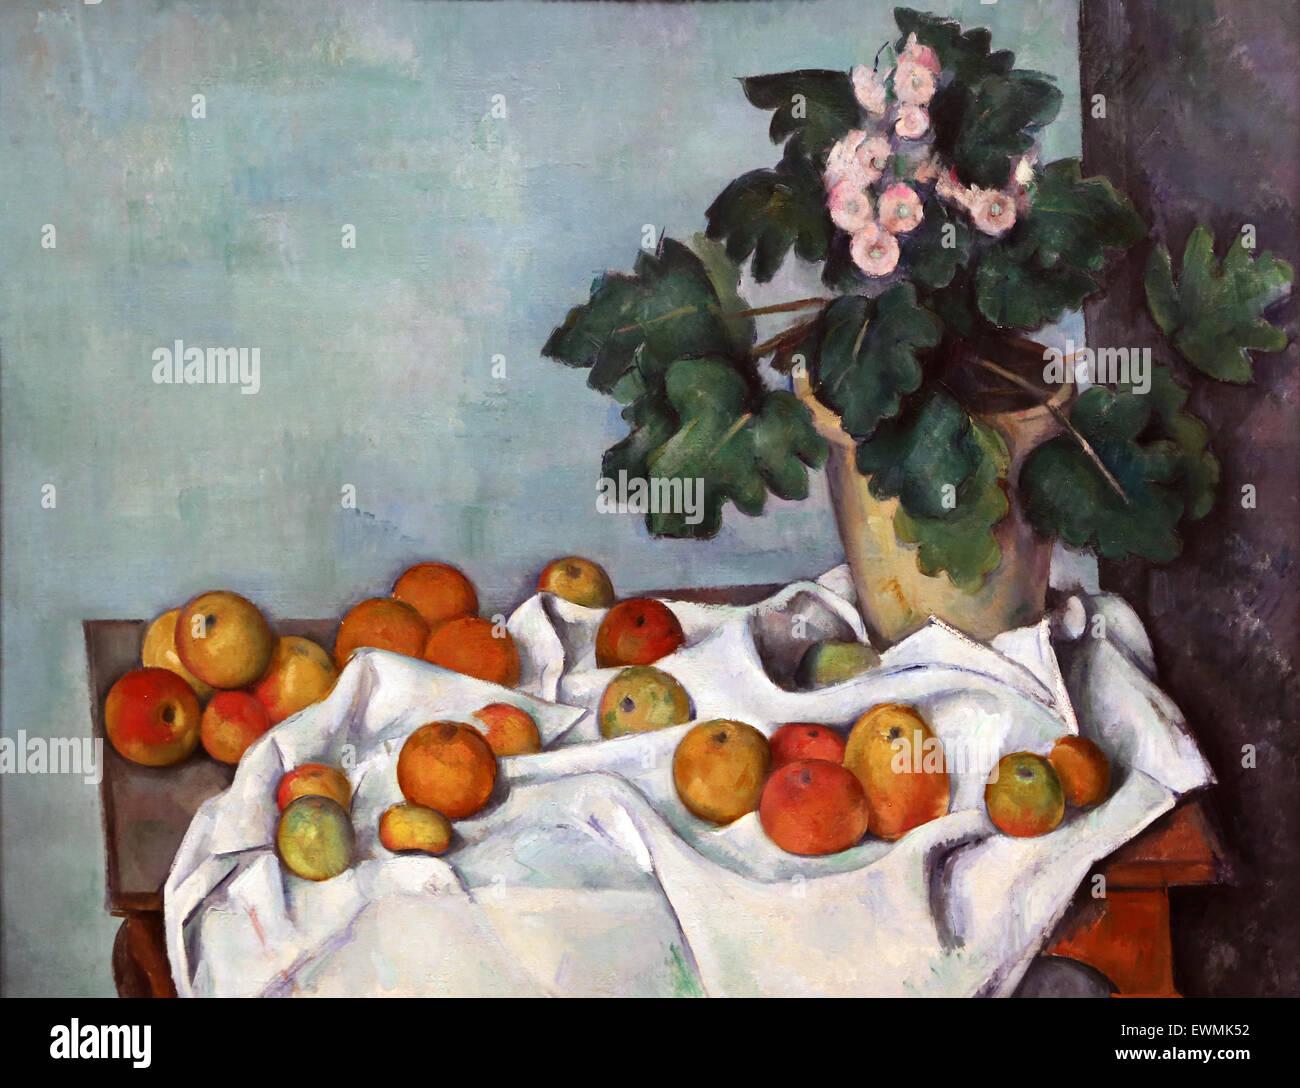 Paul Cezanne (1839-1906). El pintor francés. Bodegón con manzanas y una olla de Prímulas, 1890. Óleo Imagen De Stock